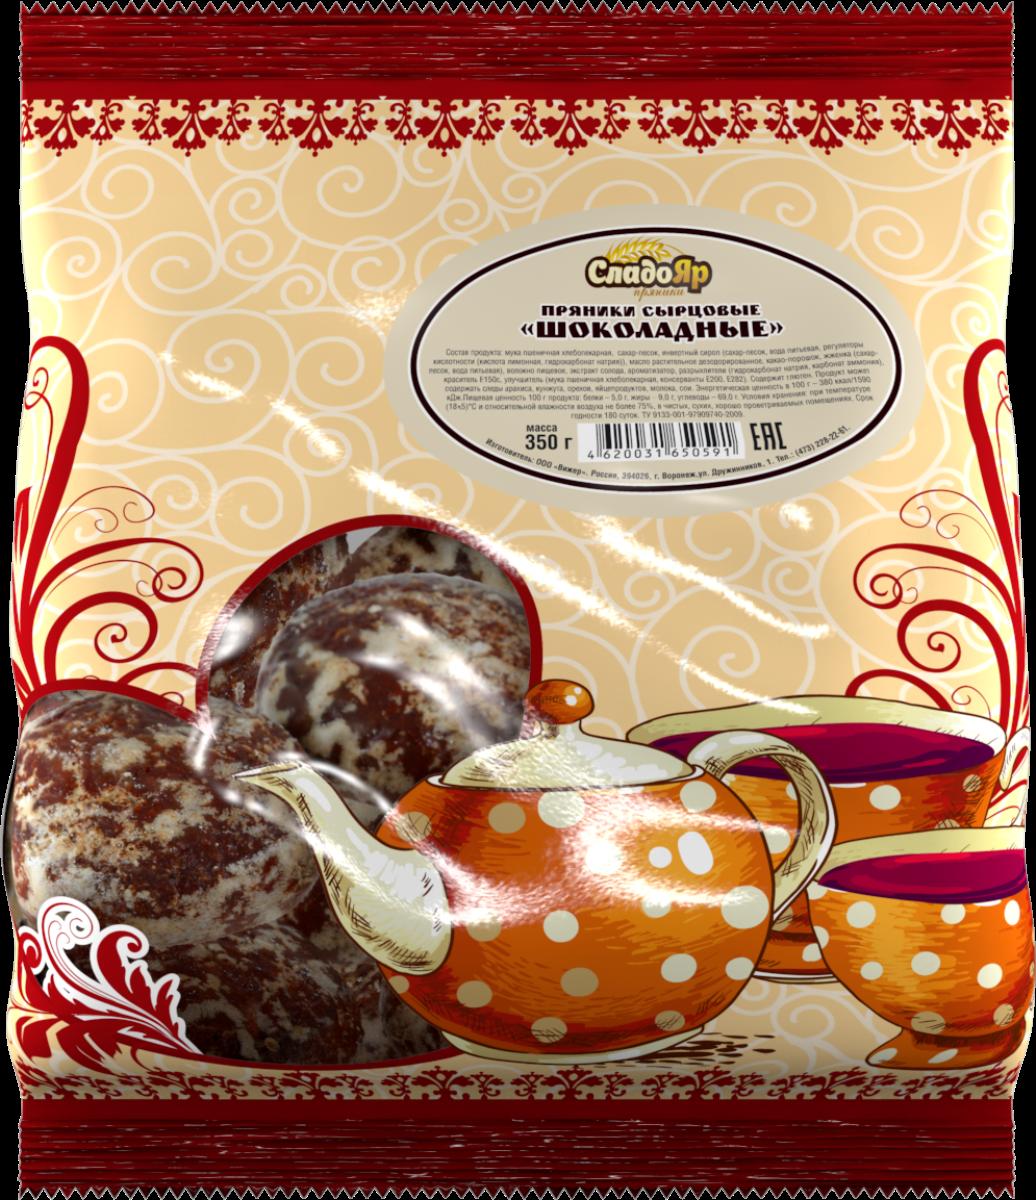 Вижер пряники шоколадные, 350 г4620031650591Один из наиболее популярных видов пряников. Кондитерская фабрика «Вижер» производит их строго в соответствии с ГОСТом.